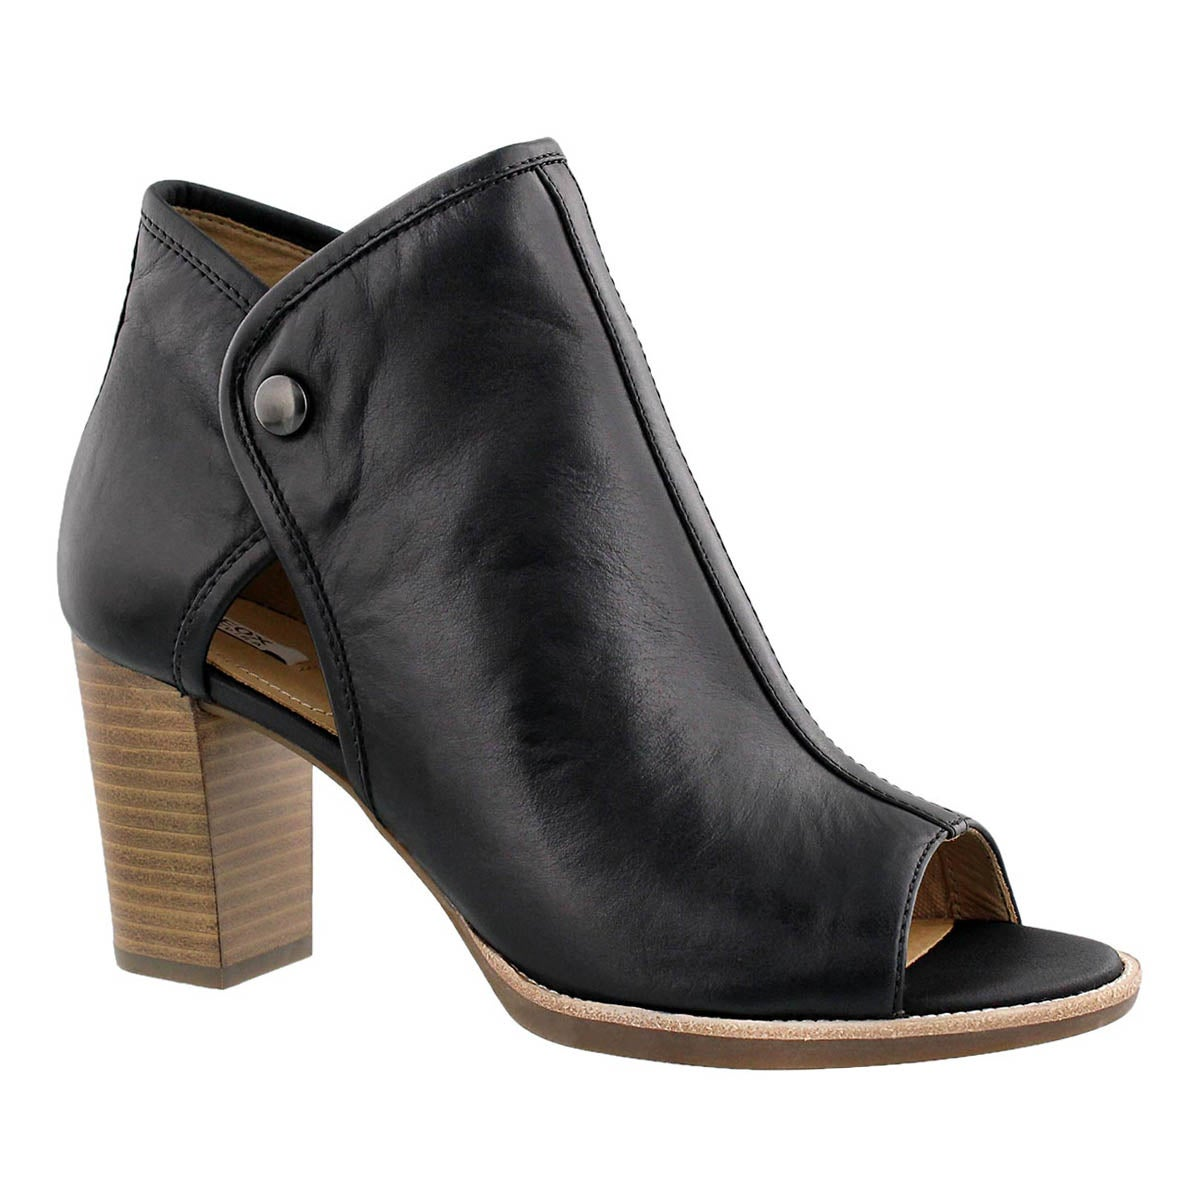 Lds Callie black peep toe dress heel